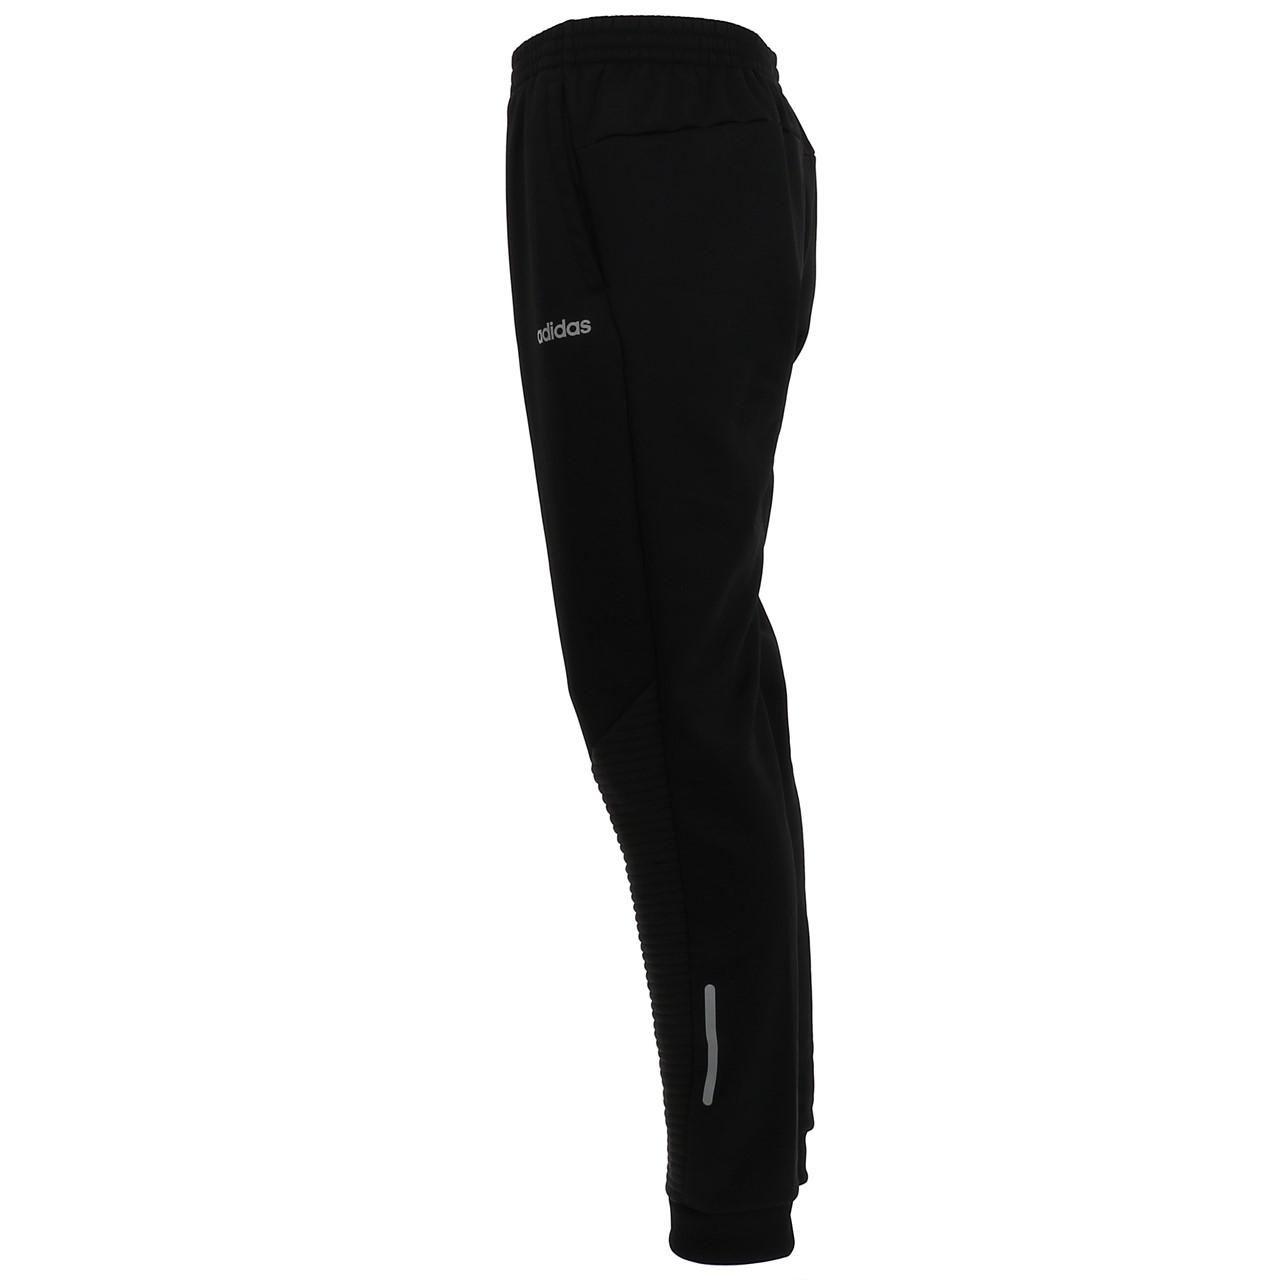 Détails sur Pantalon de survêtement Adidas M gu fl pant black Noir 27894 Neuf